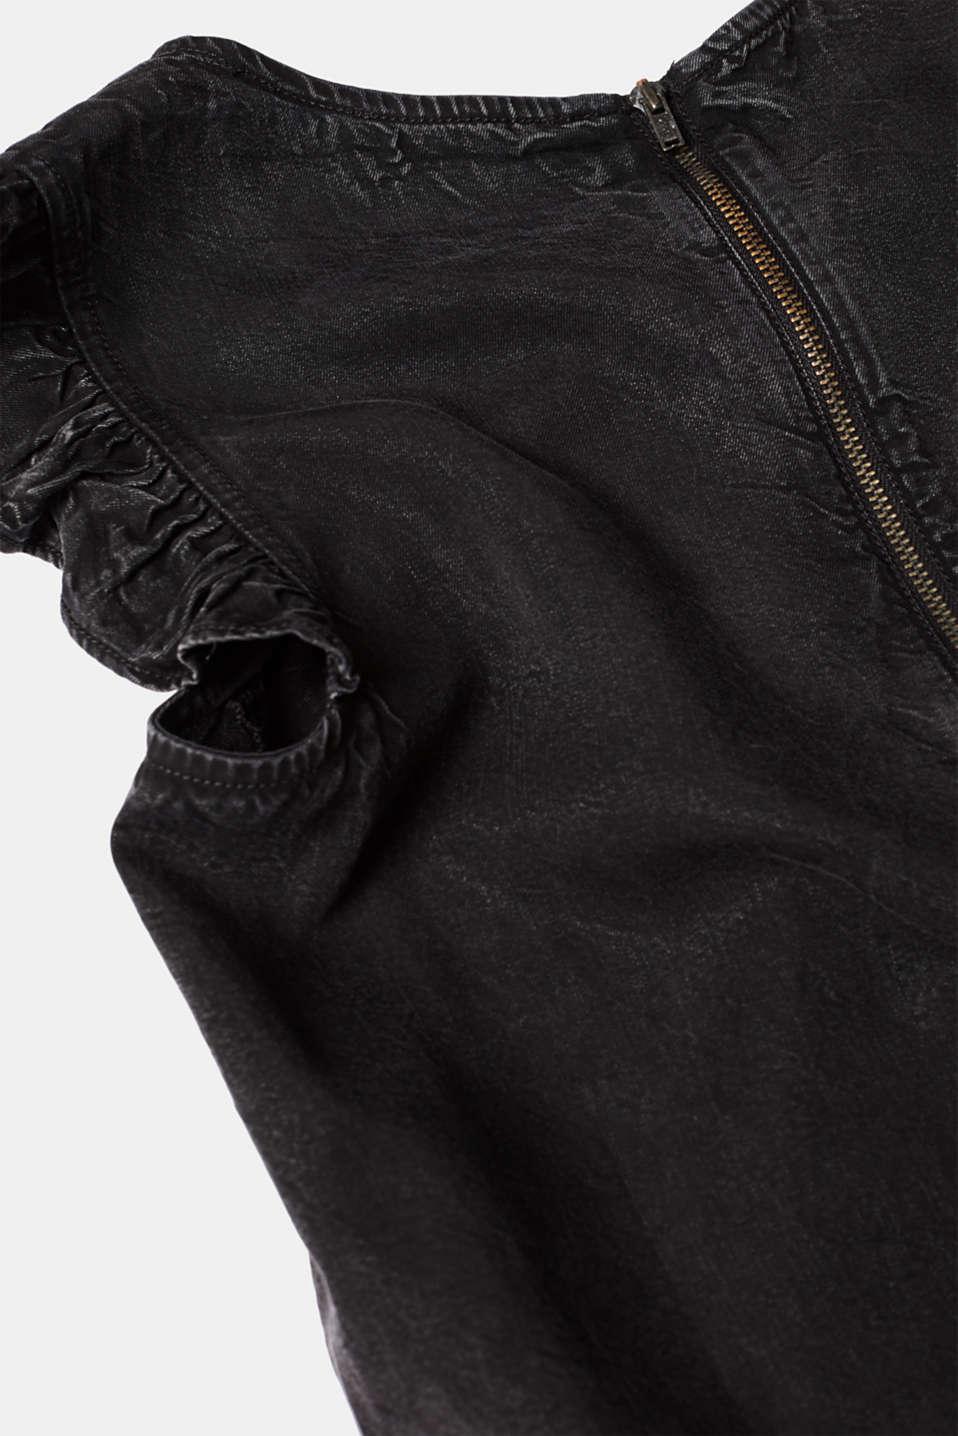 Dresses denim, BLACK DARK WASH, detail image number 5